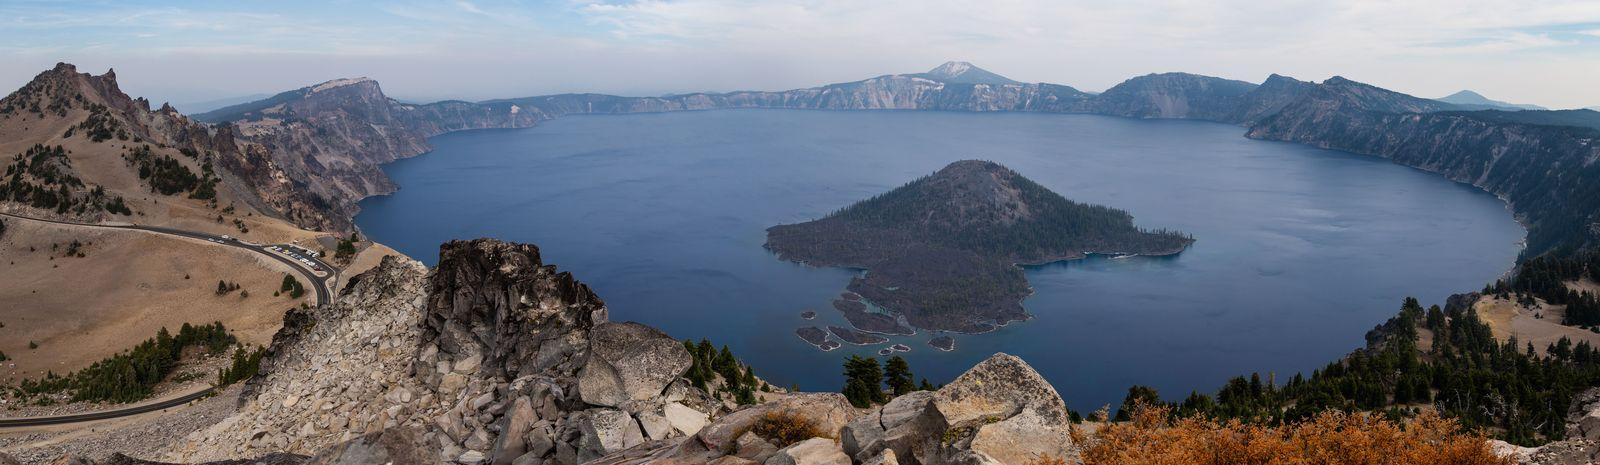 No es ideal, pero aquí está Crater Lake